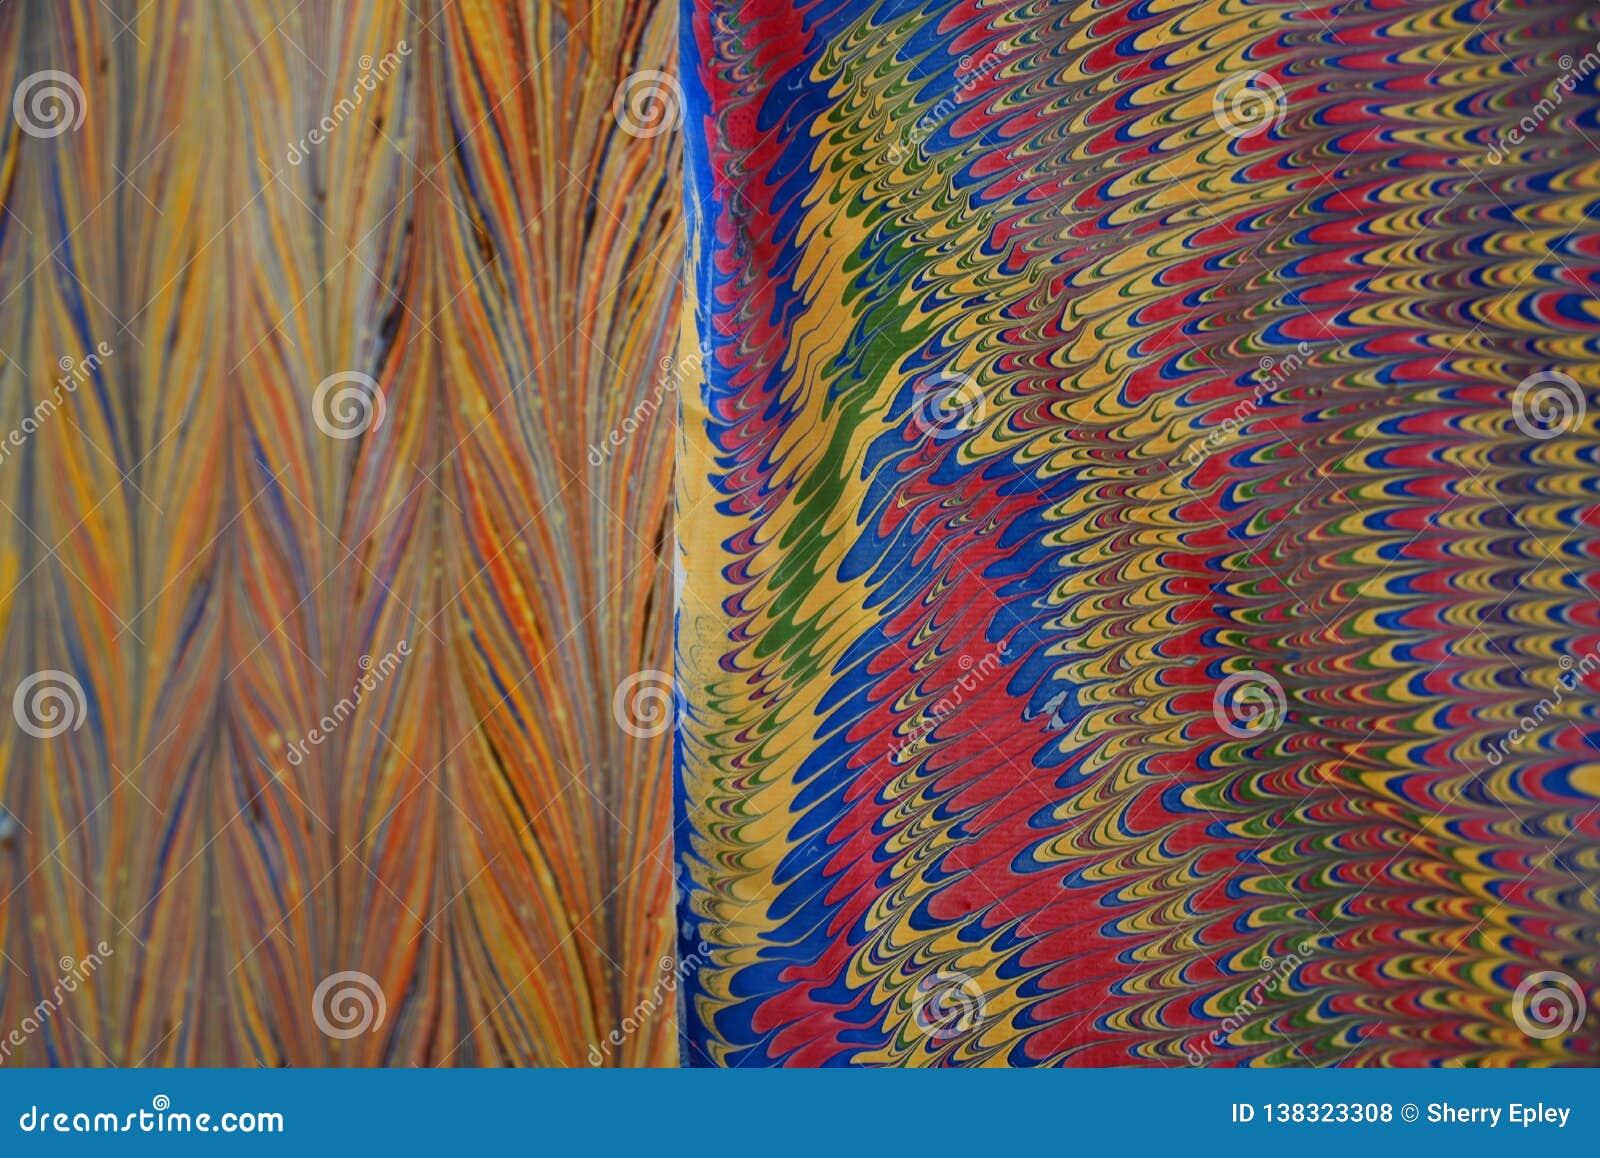 Colori e modelli vibranti ASTRATTI su carta fatta a mano